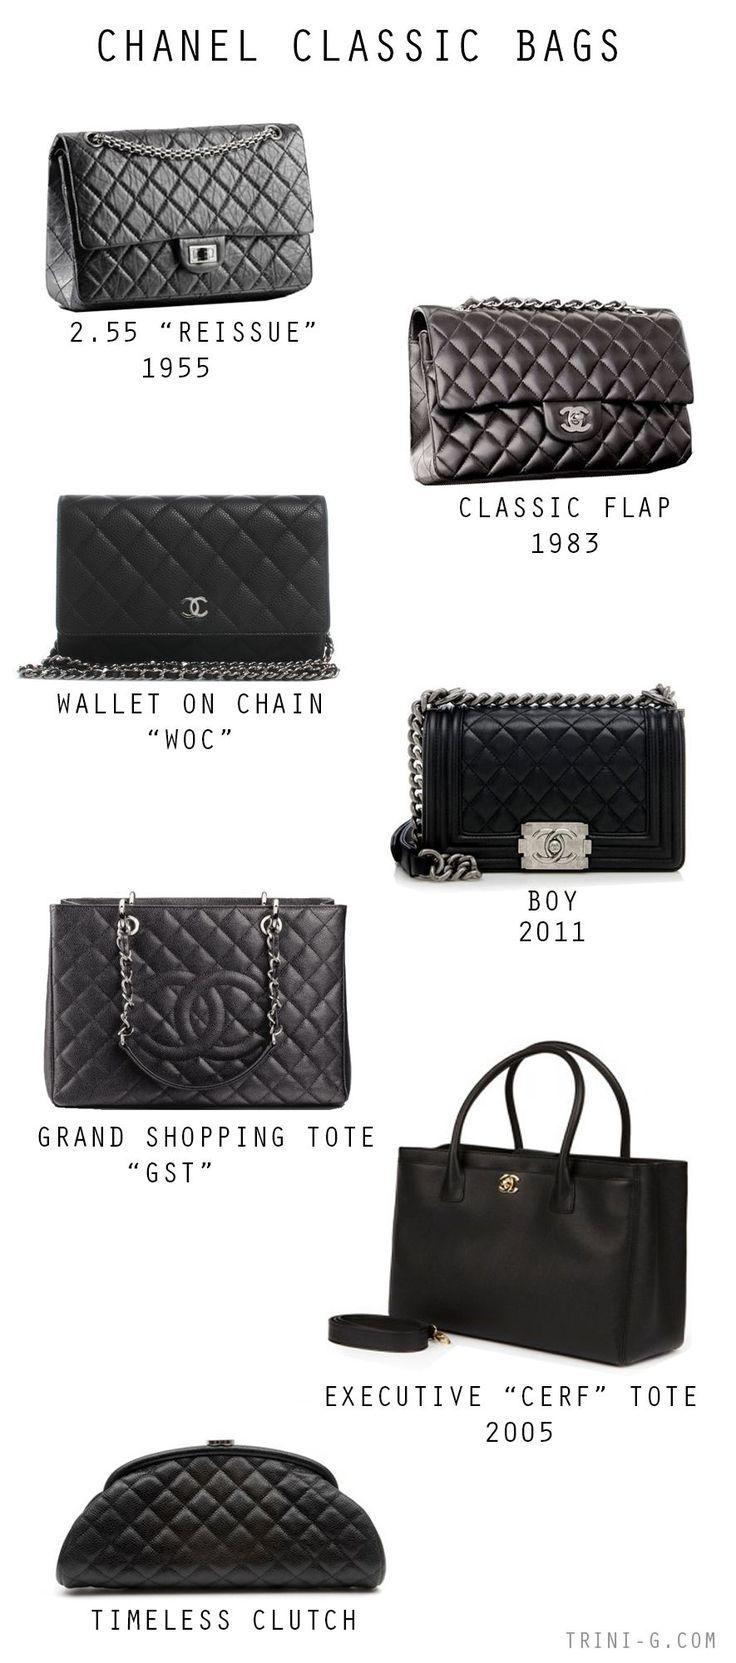 Chanel classic bags                                                                                                                                                      Más Besuche unseren Shop, wenn es nicht unbedingt Chanel sein muss…. ;-) – Christine Campbell-Moore